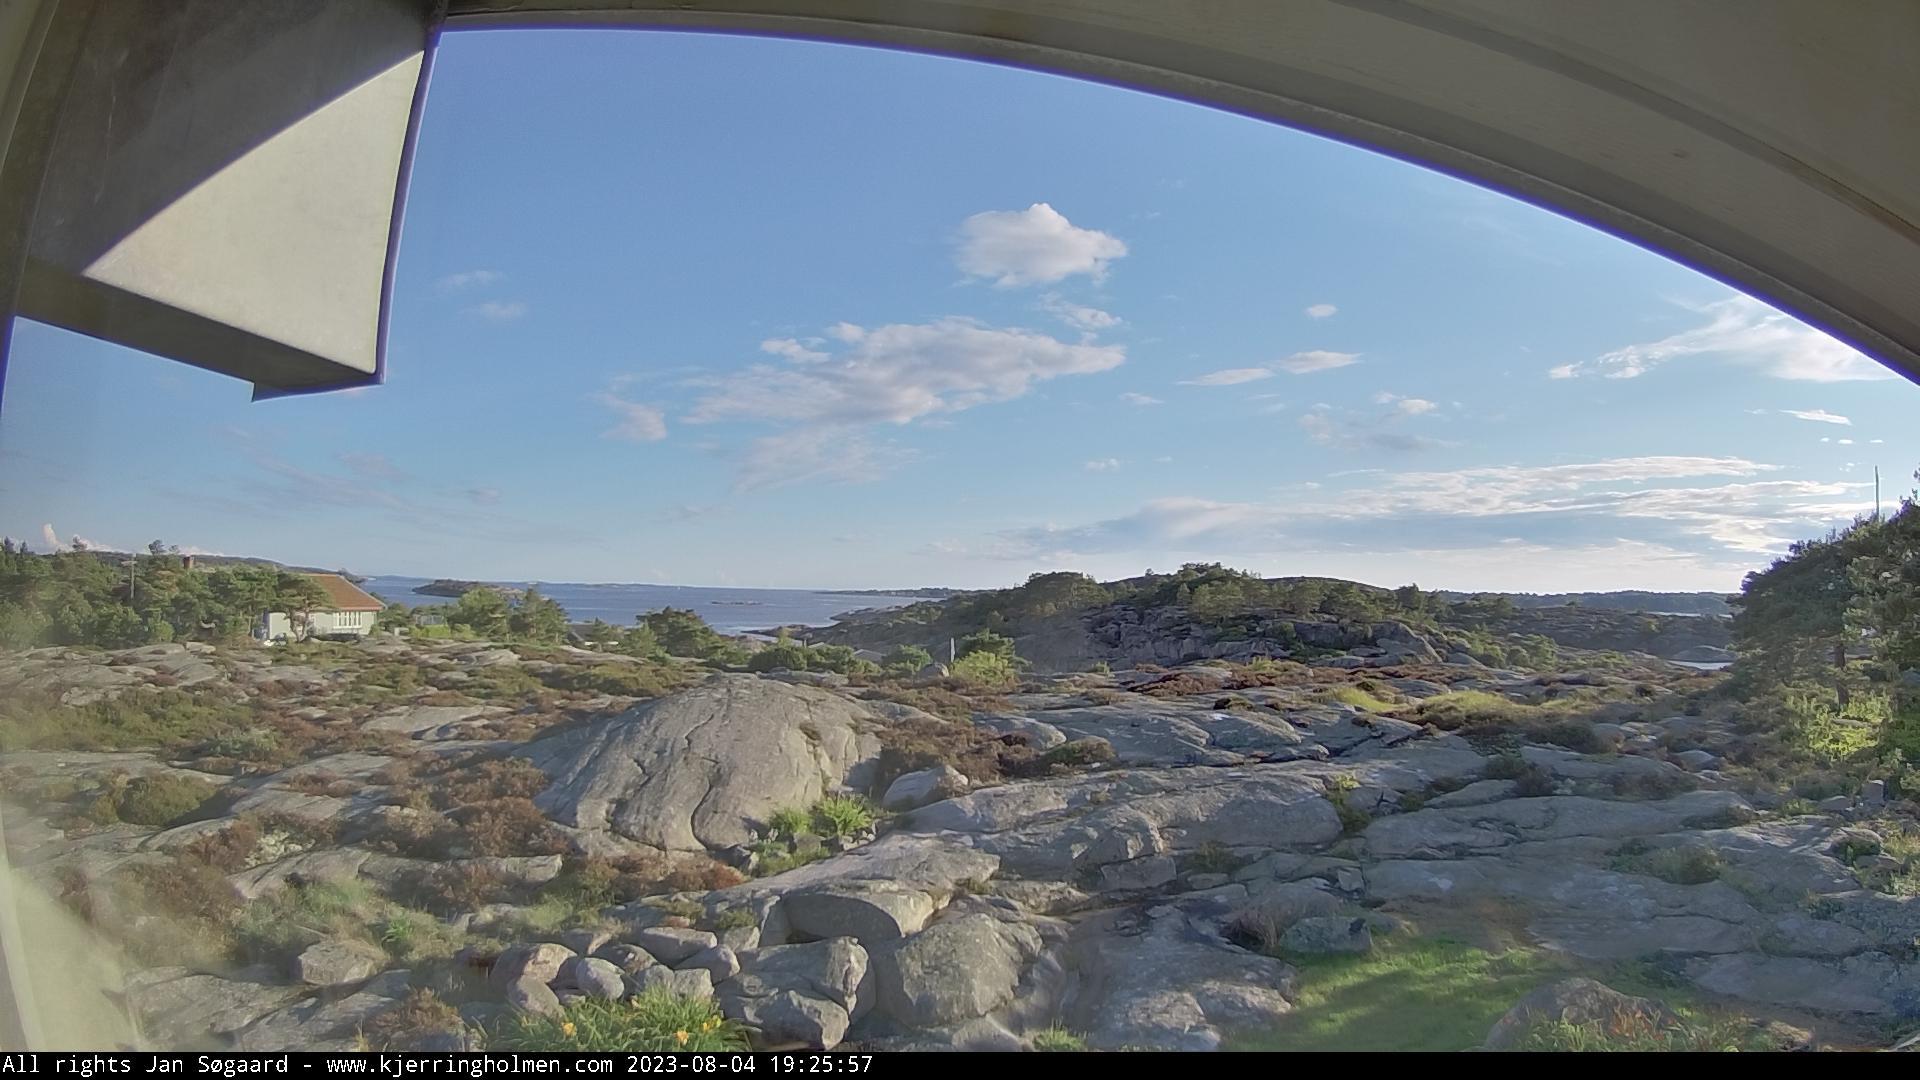 Webcam Kjerringholmen: Bølingshamn − Hvaler